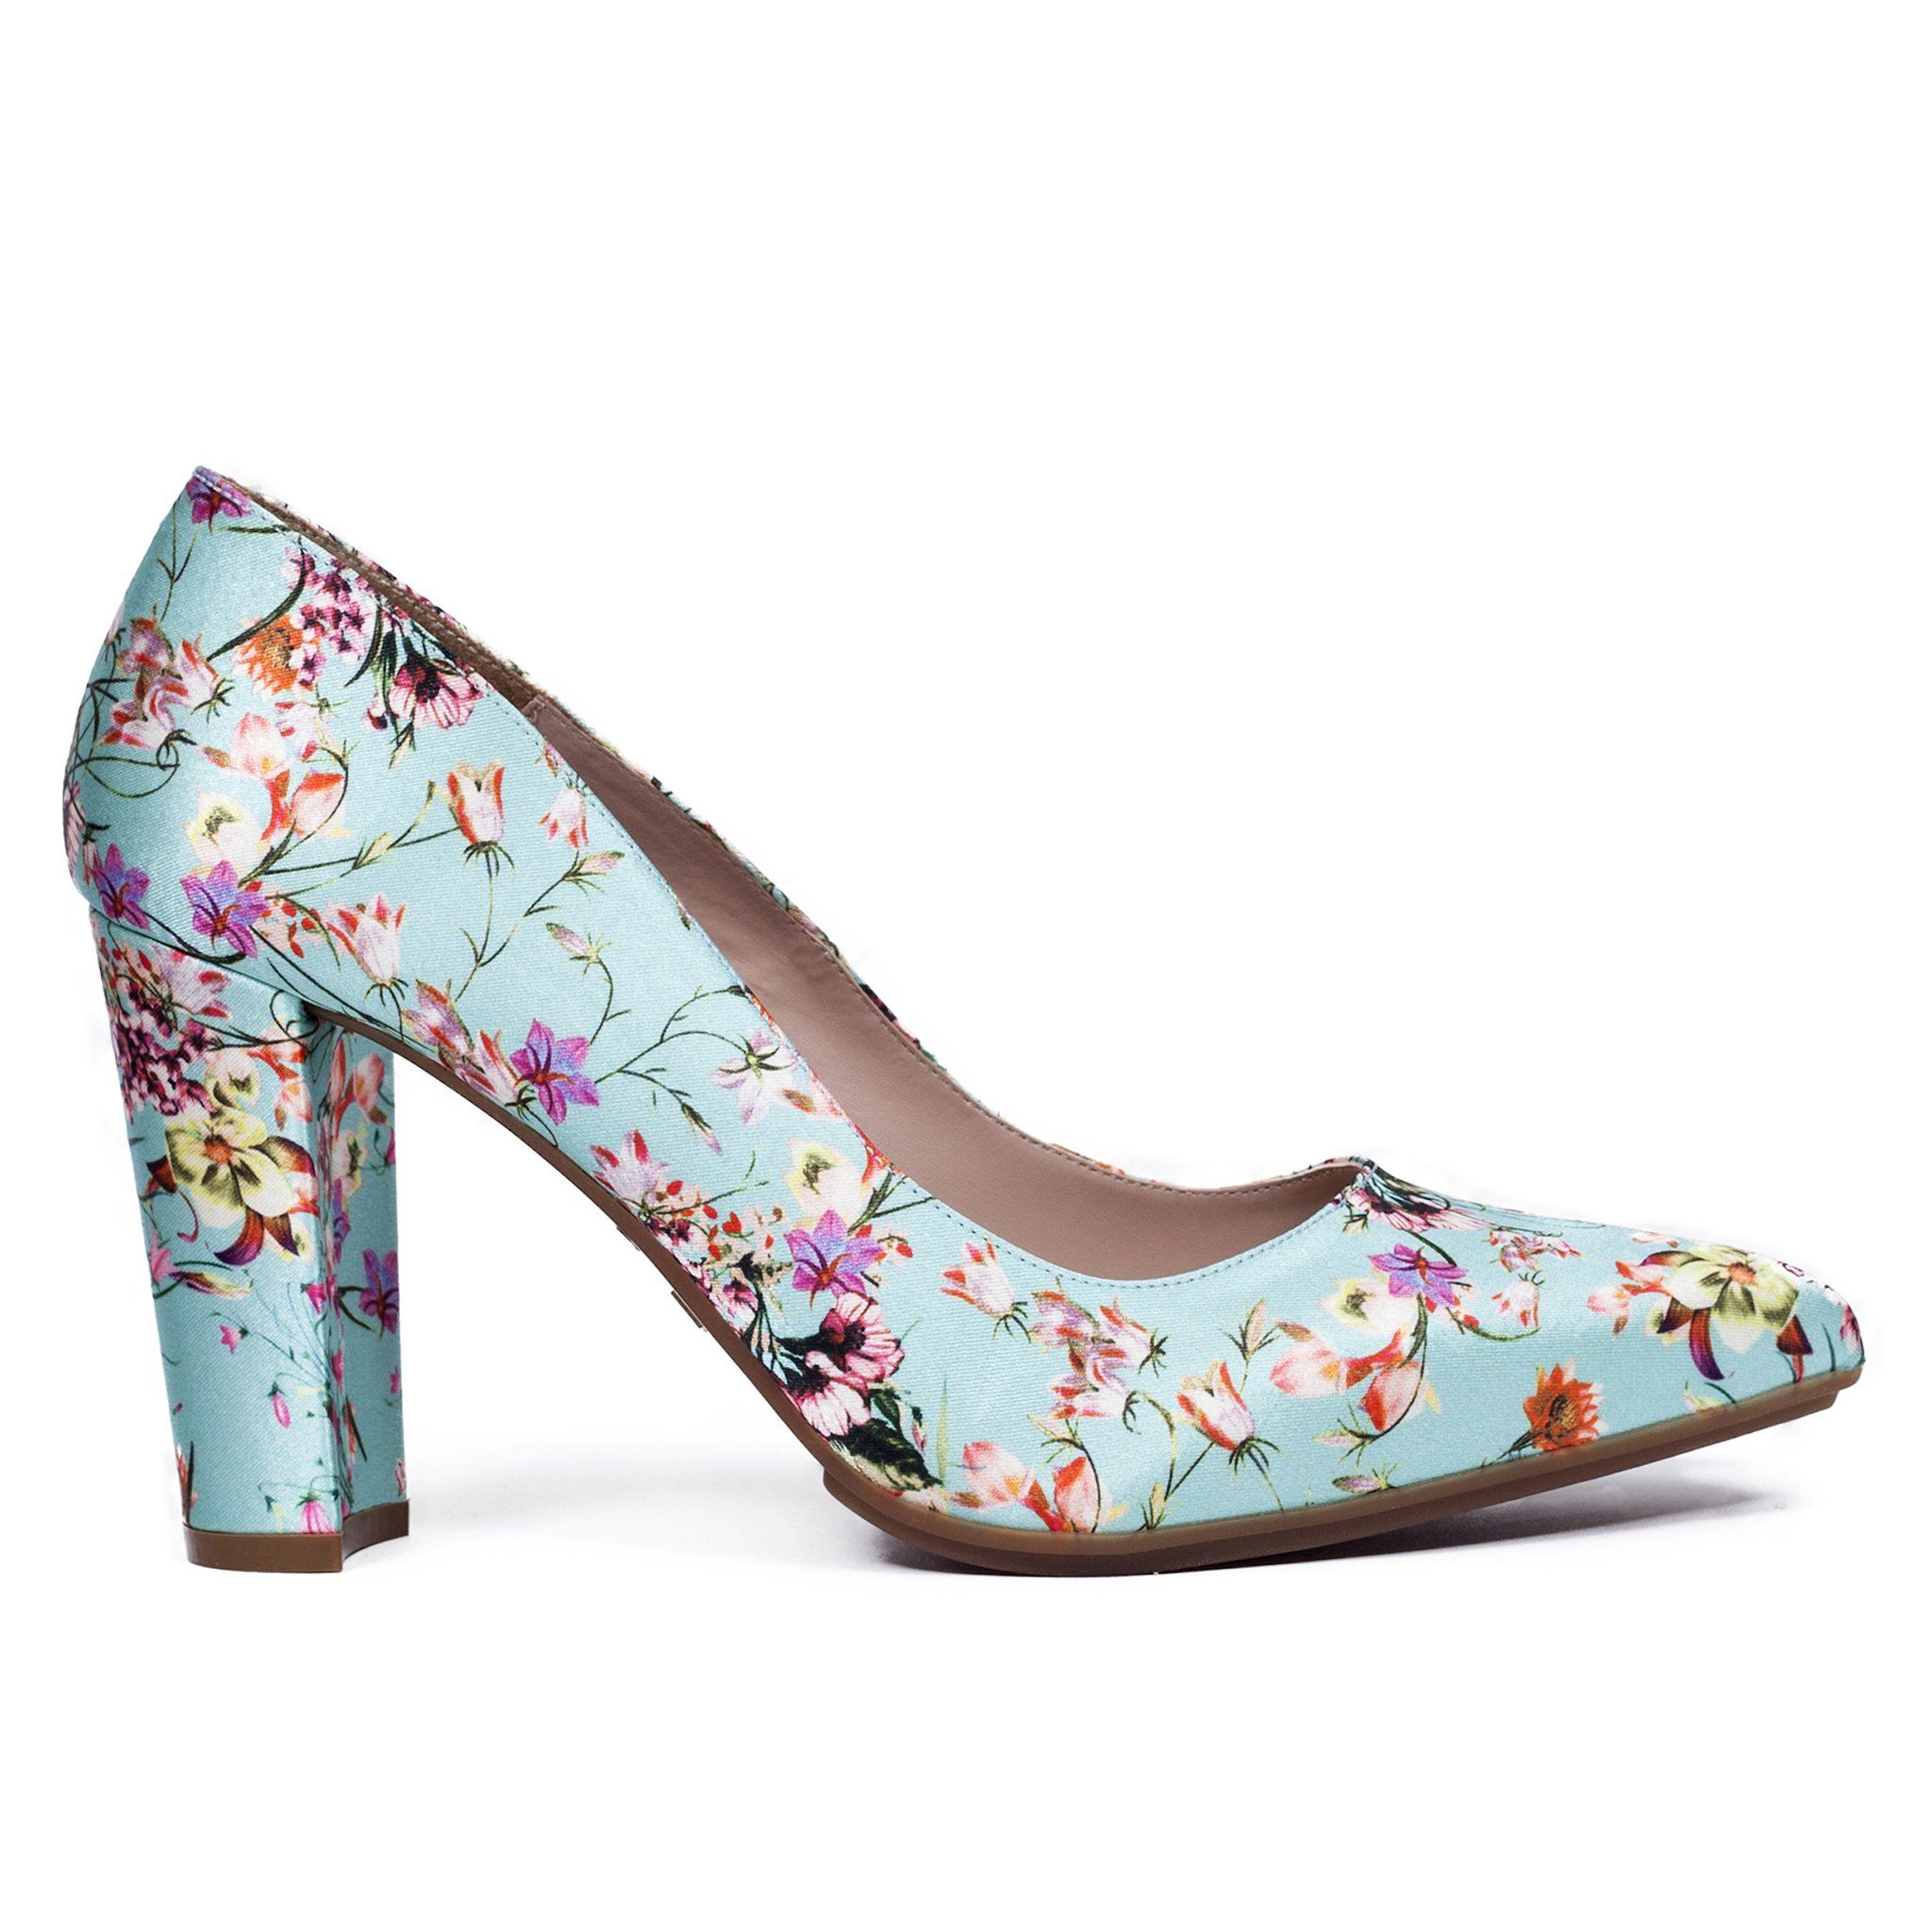 Zapato de salón tacón bajo mujer VERDE AGUA FLORES – miMaO Online – miMaO  ShopOnline 340b8ad4b3dd